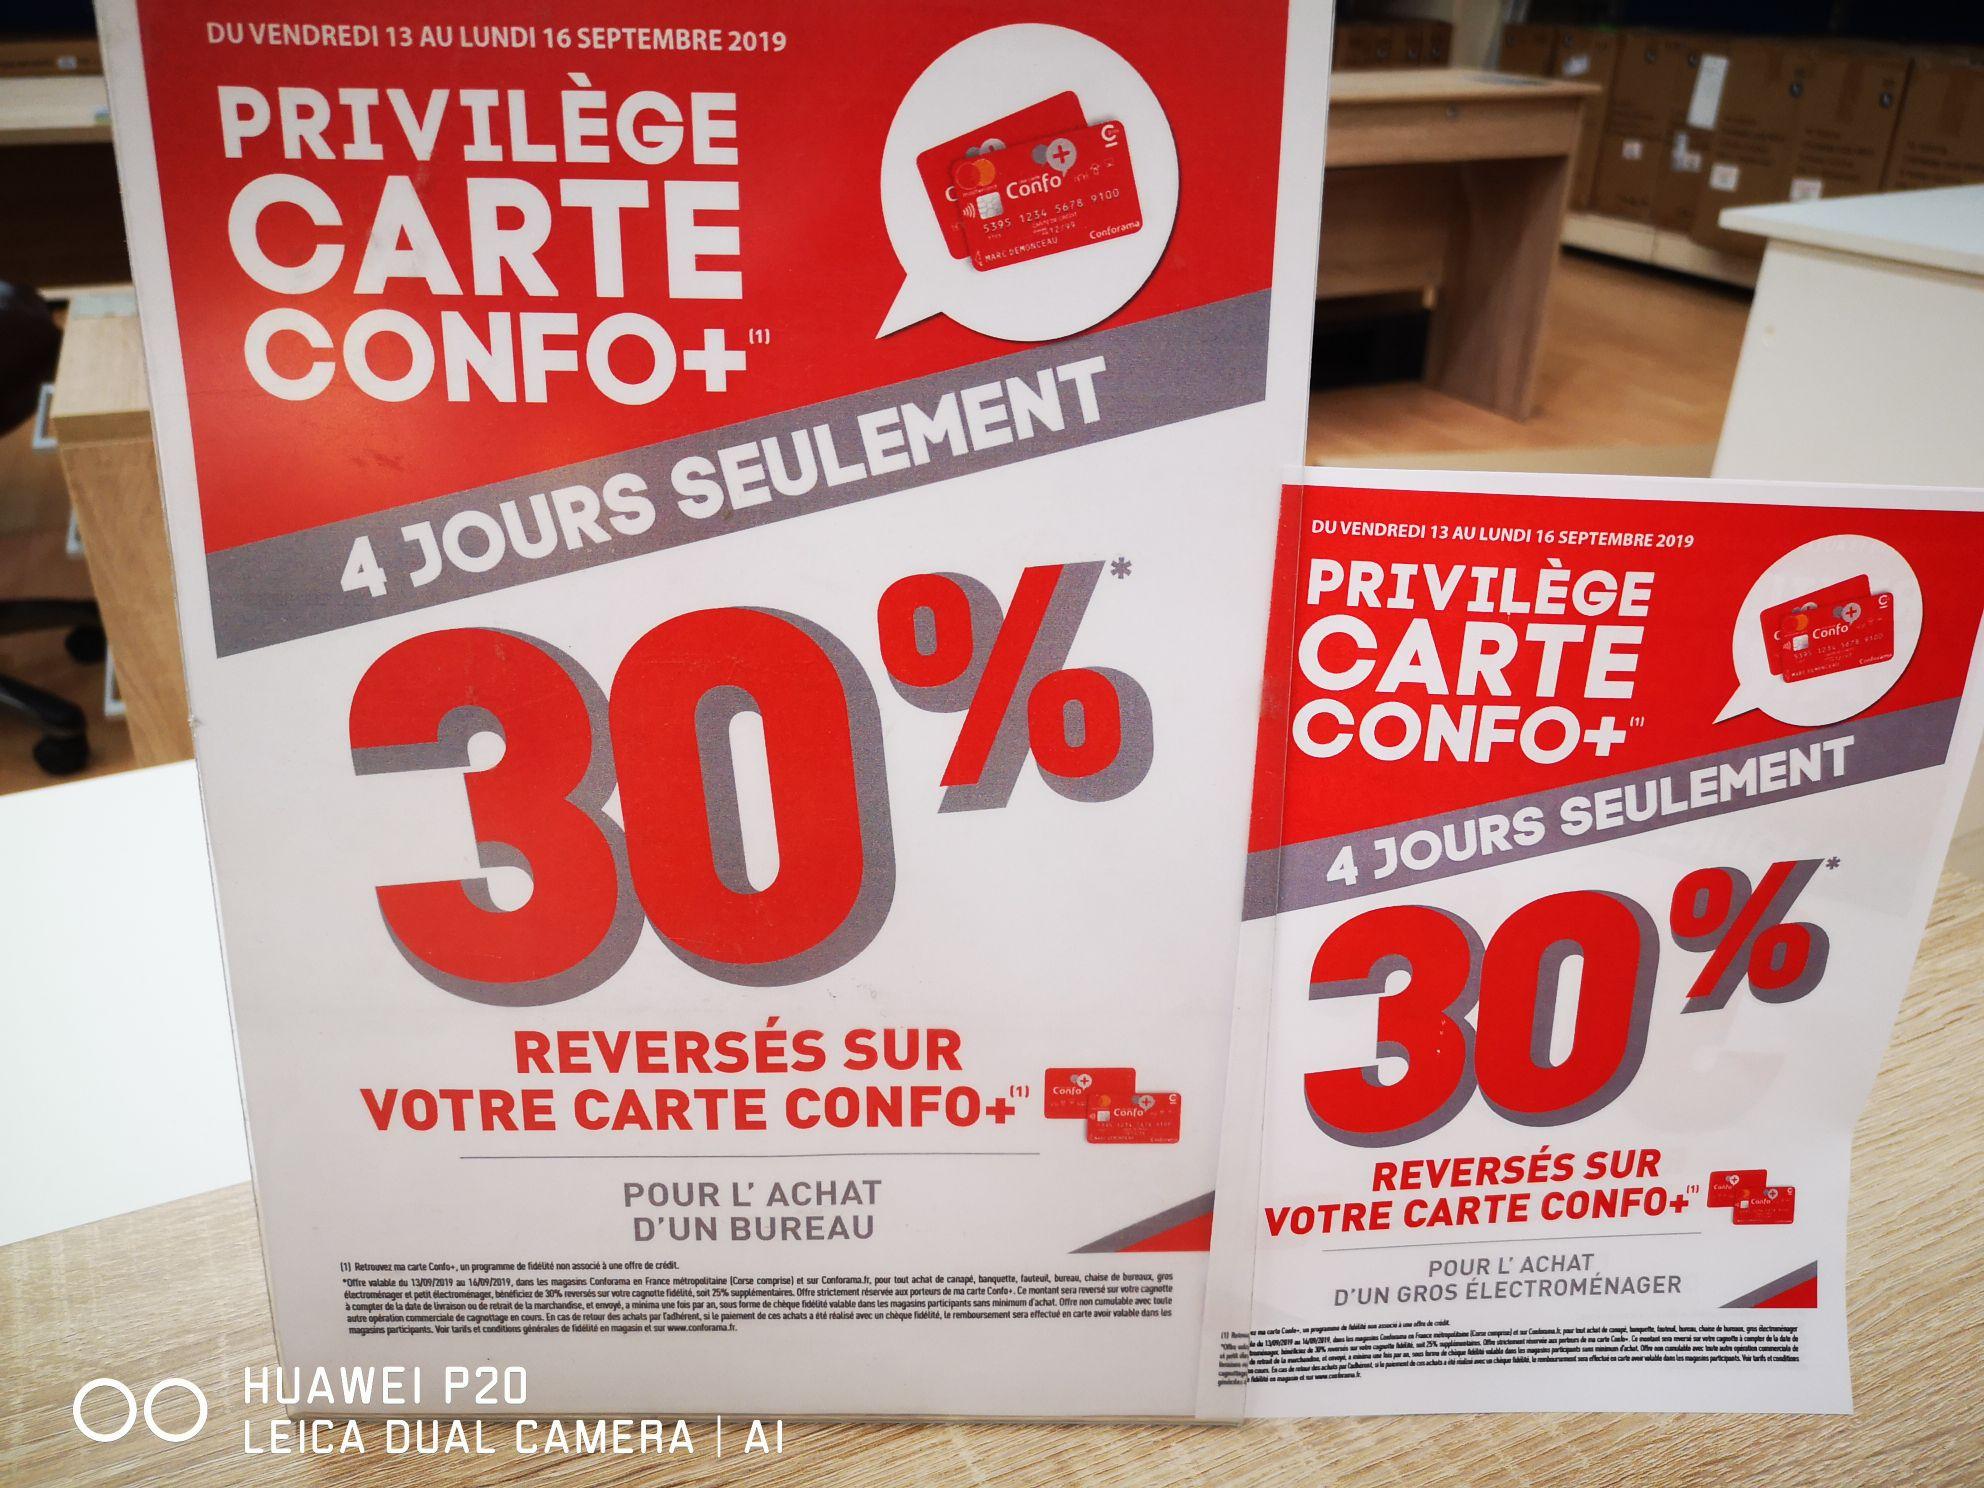 [Carte Confo+] 30% remboursés sur la carte de fidélité pour l'achat d'un Bureau, Canapé  ou d'un Gros Électroménager